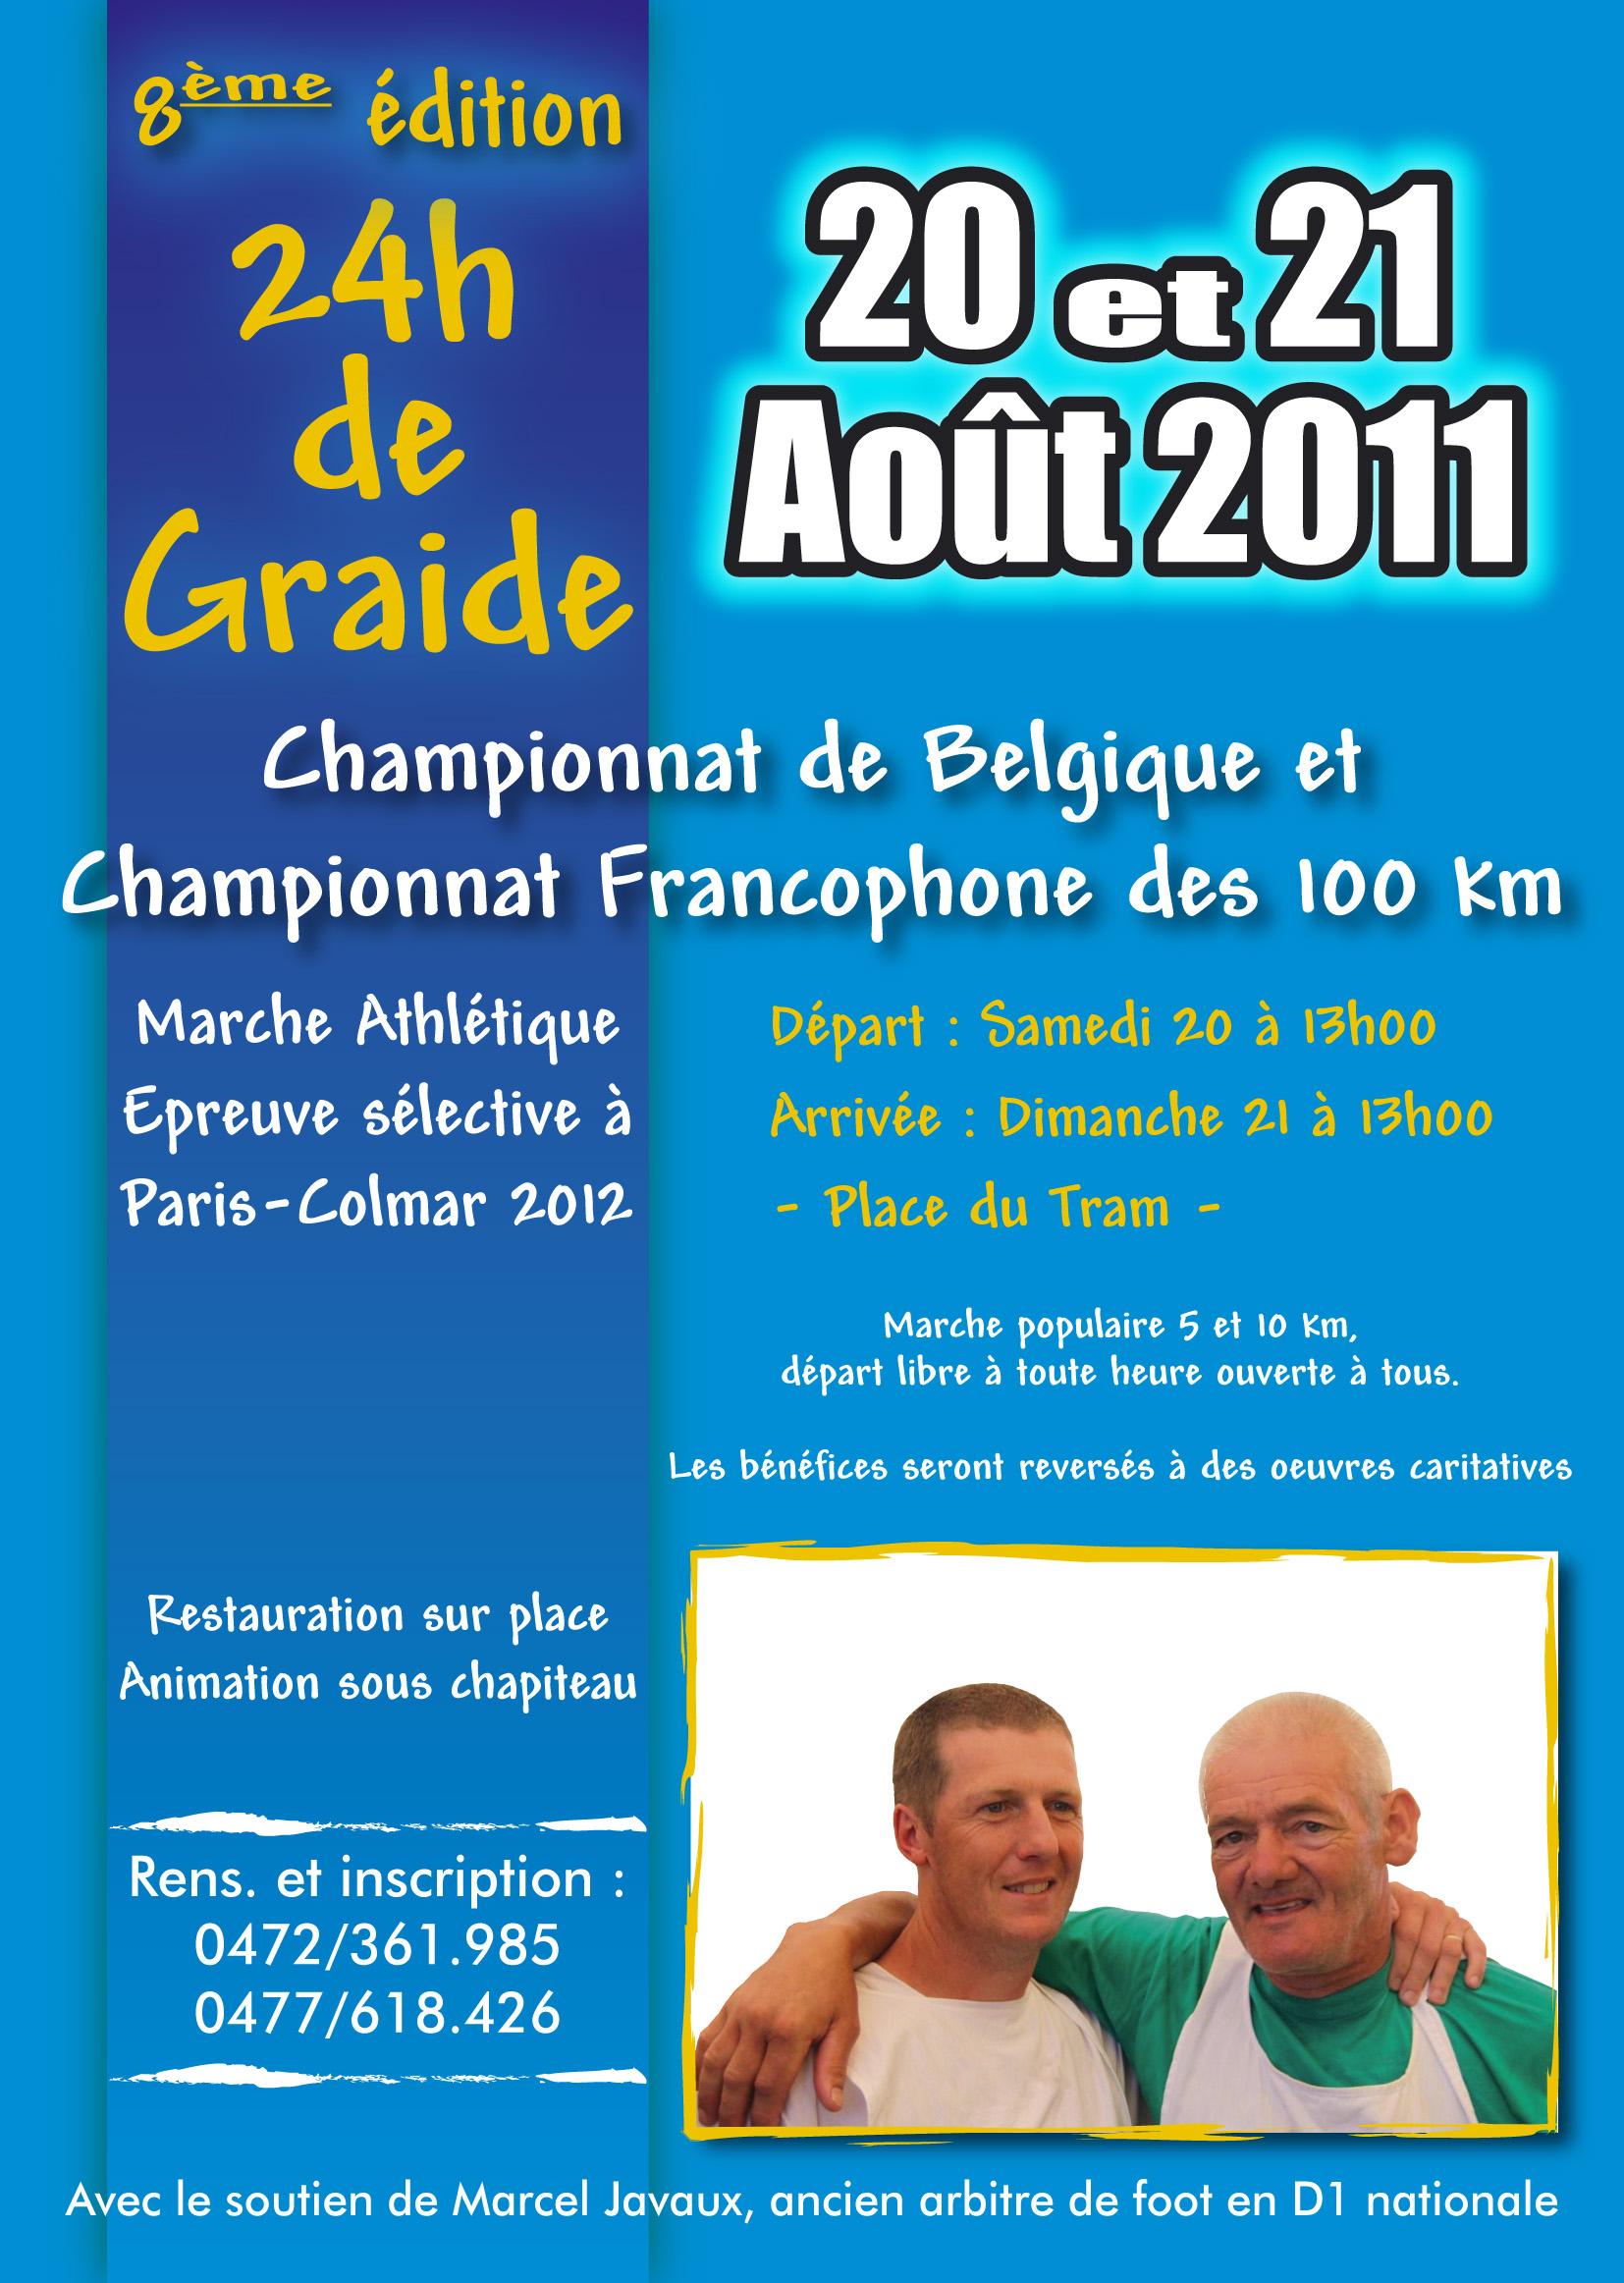 24 heures et 100km de Graide (B): 20-21/08/2011 Demo_AFFICHE_A4_2K11_RVB